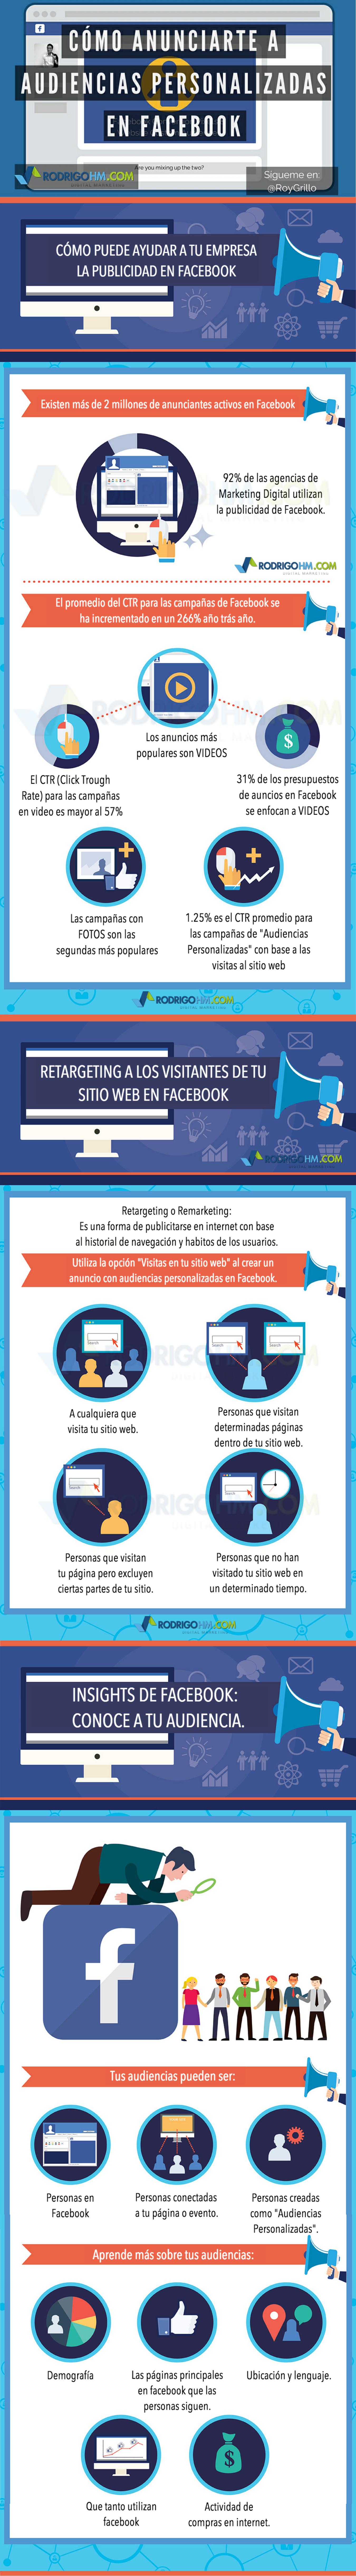 anuncios-audiencias-personalizadas-facebook-infografia